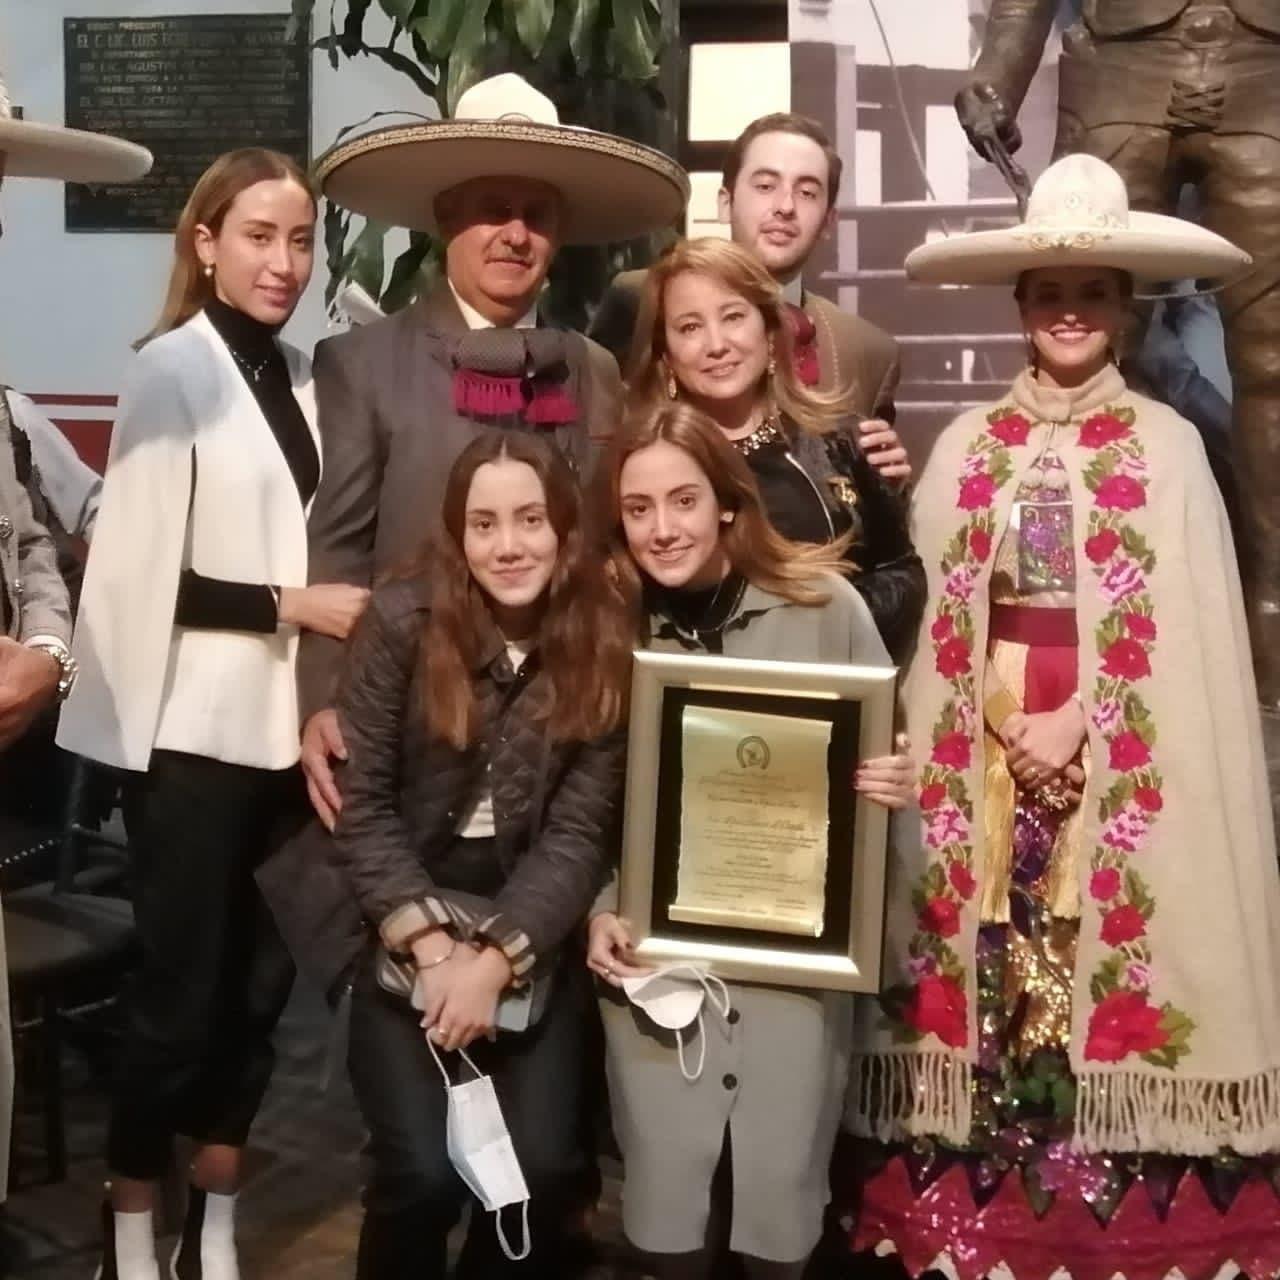 La señora Mini Blanco de Dávila, presidenta del Comité de Damas Charras, fue galardonada con la Rosa de Oro